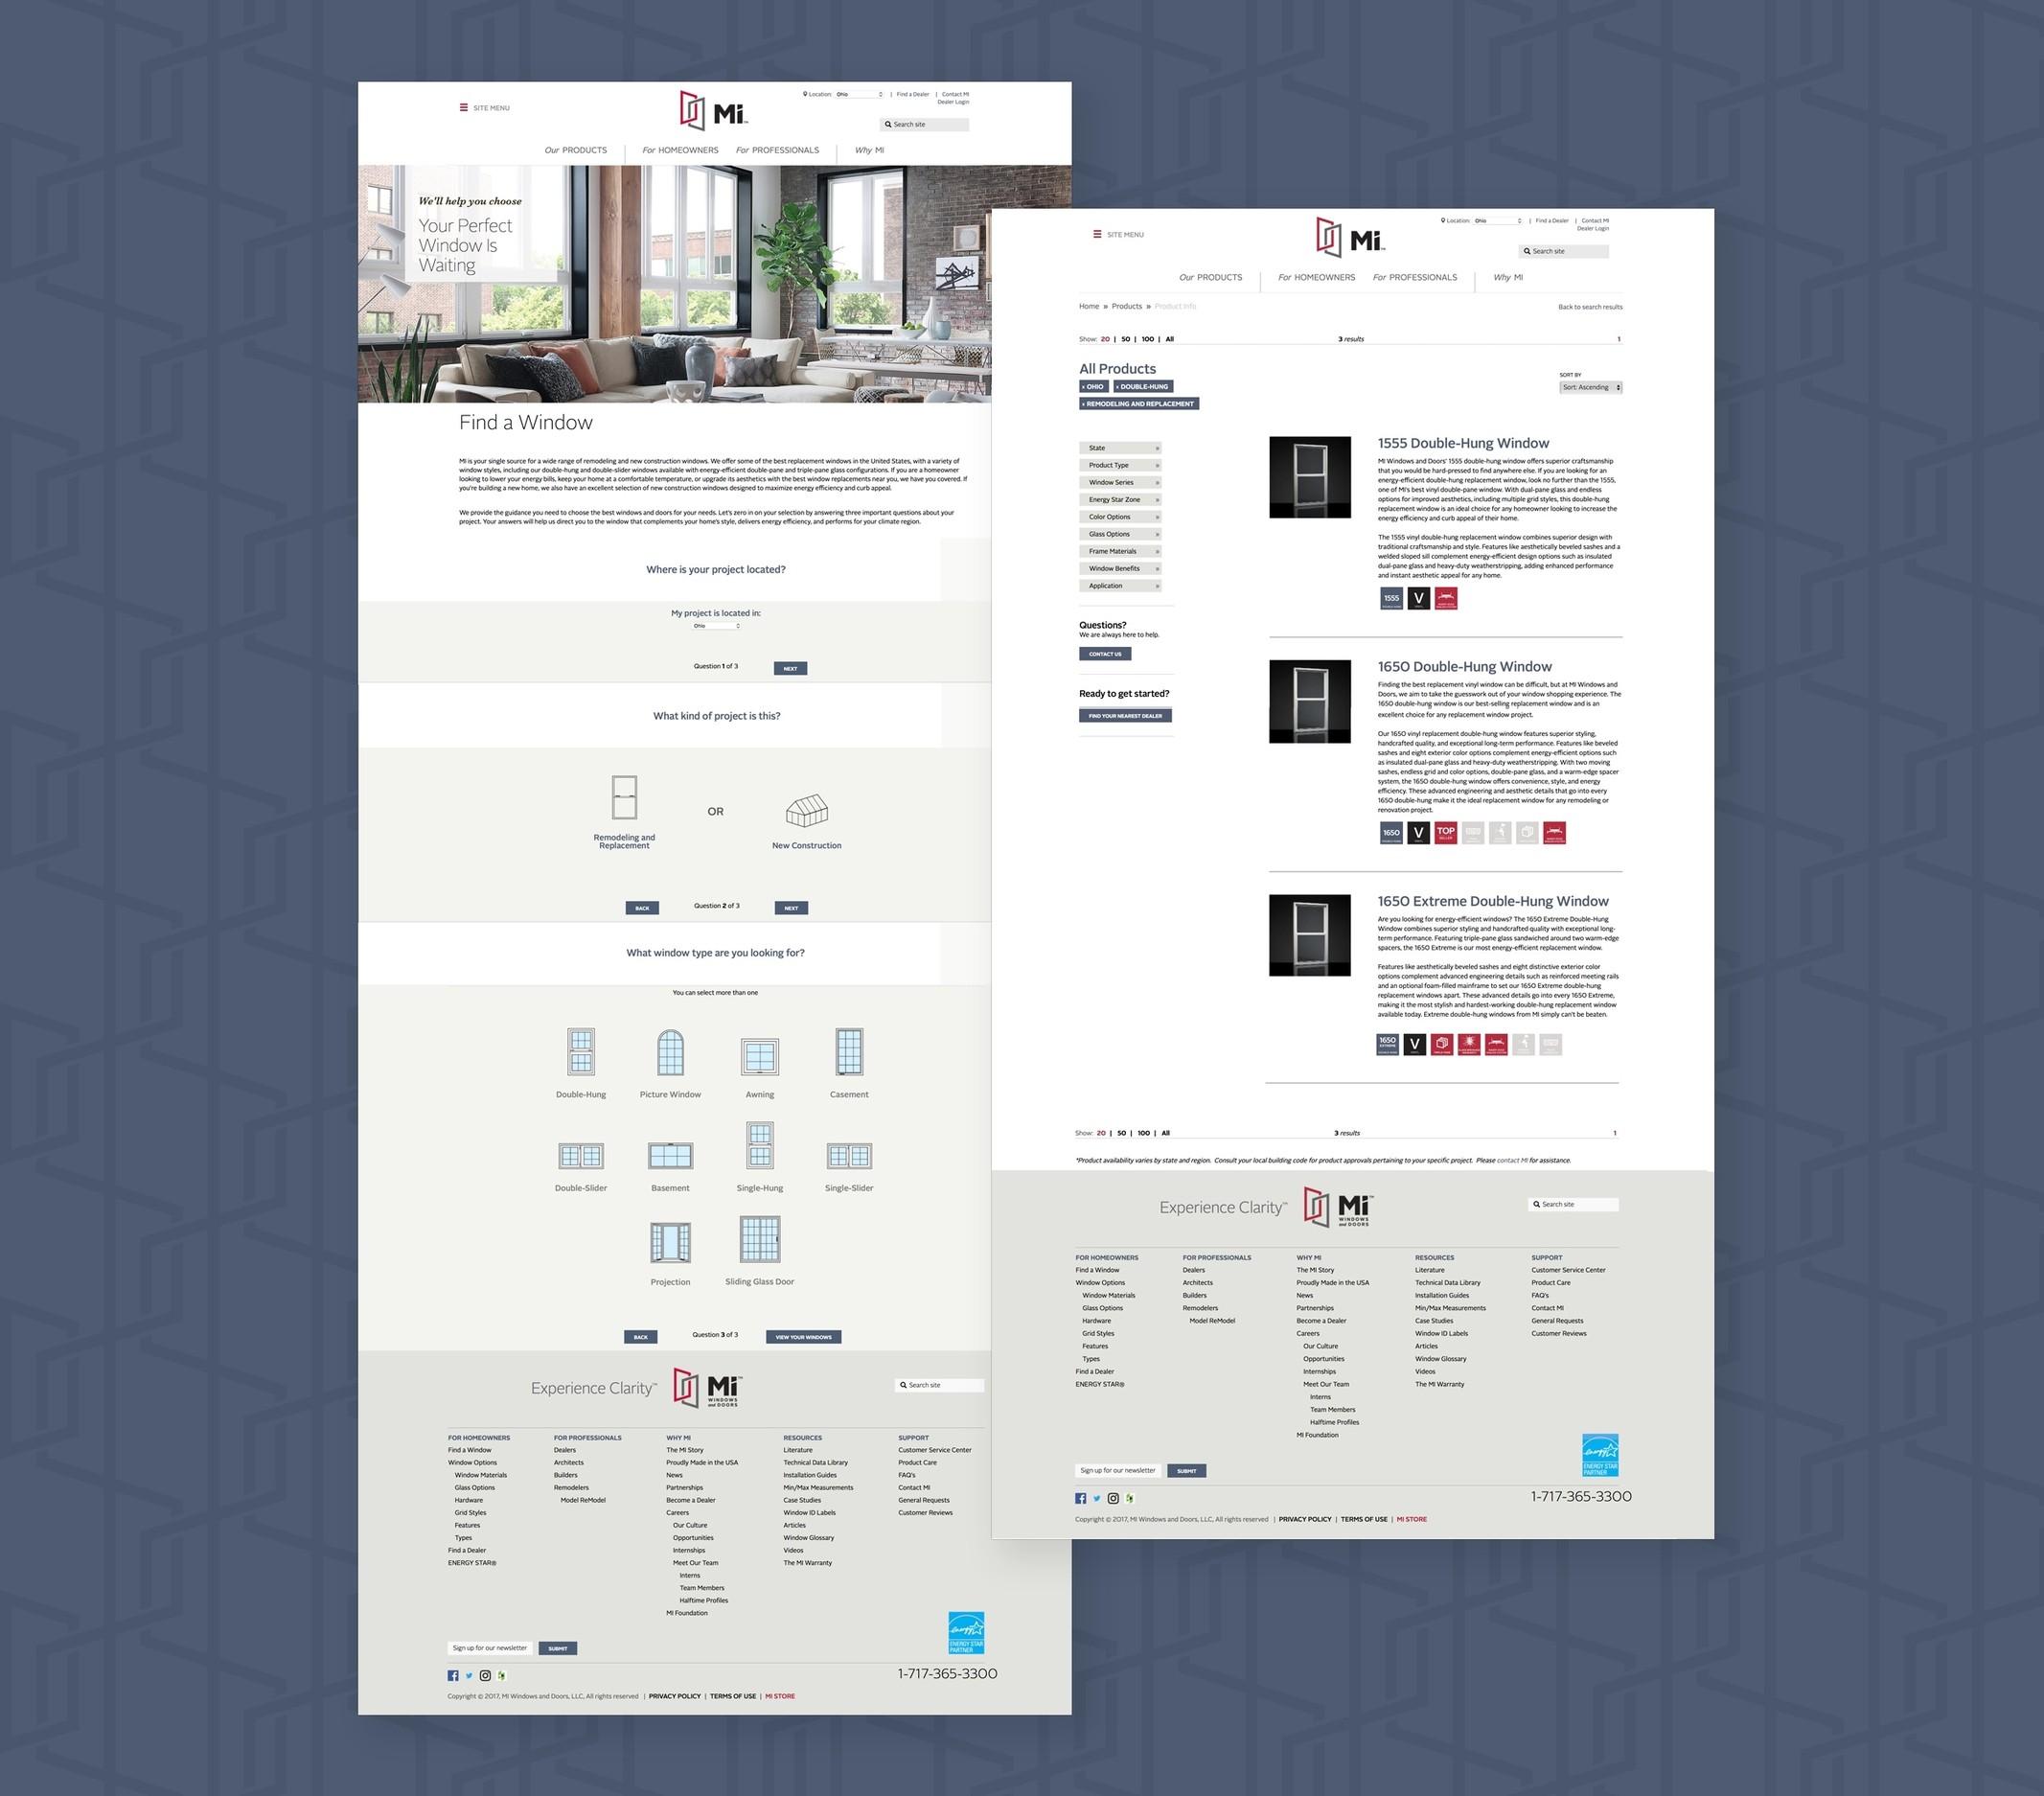 MI Search - Website design